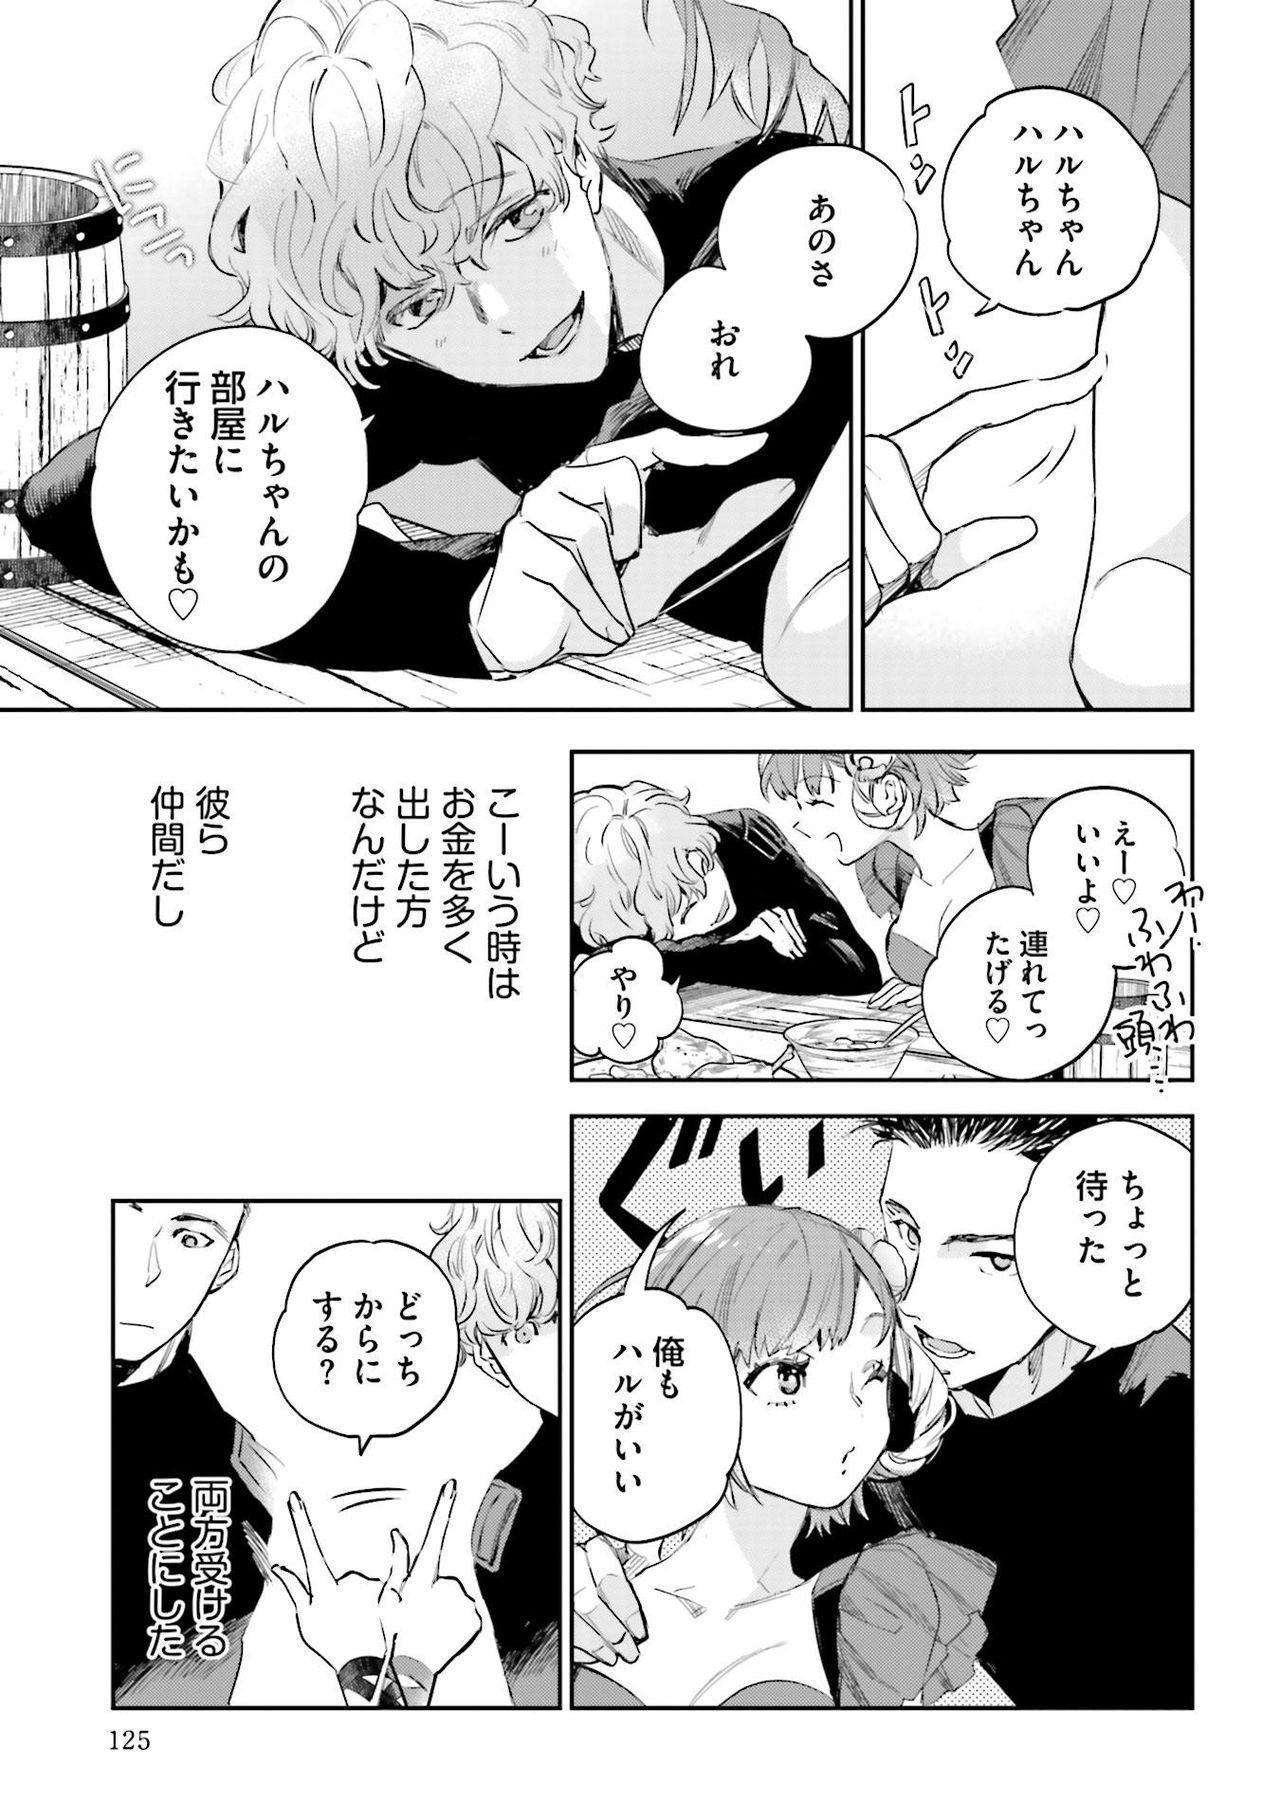 JK Haru wa Isekai de Shoufu ni Natta 1-14 484